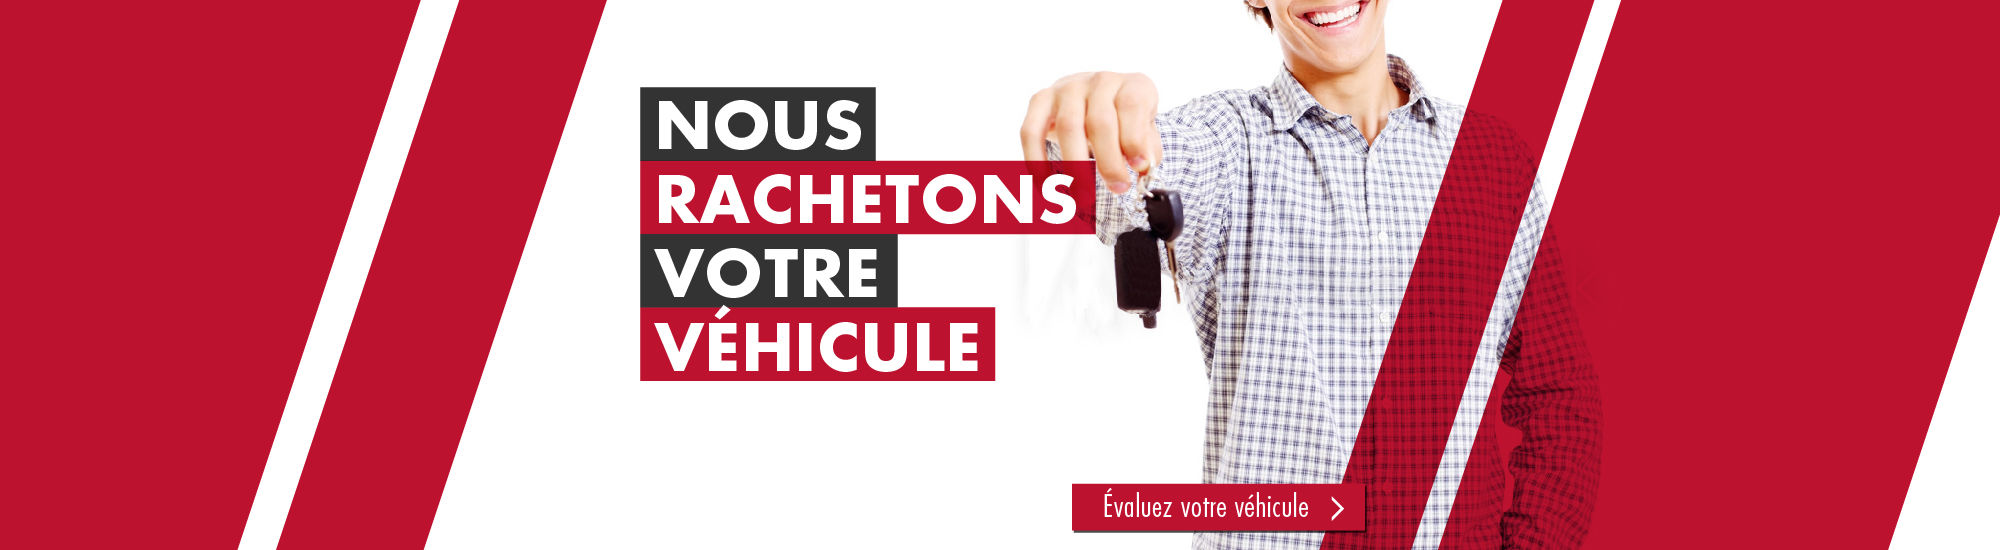 Nous rachetons votre véhicule - EAC